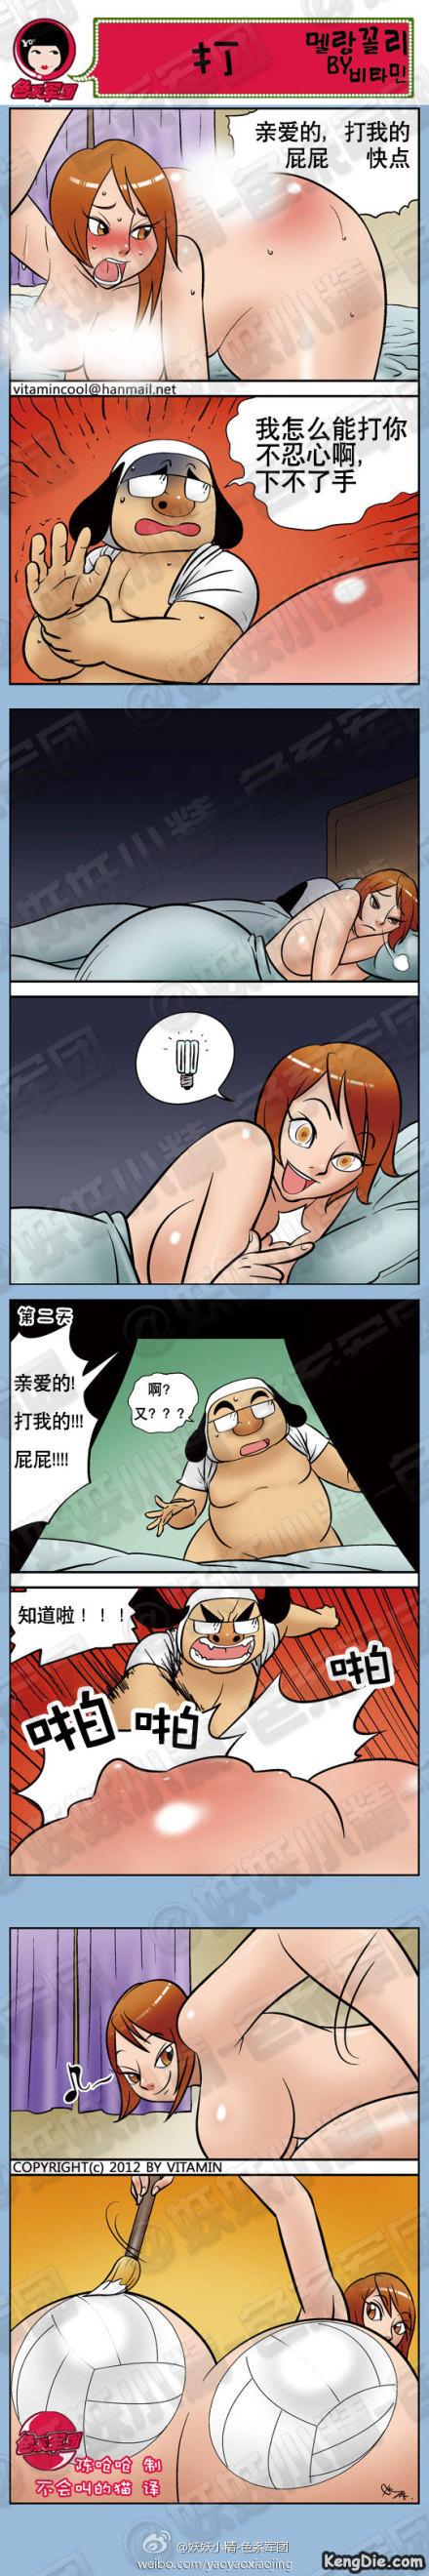 色系军团邪恶漫画:老婆的方法